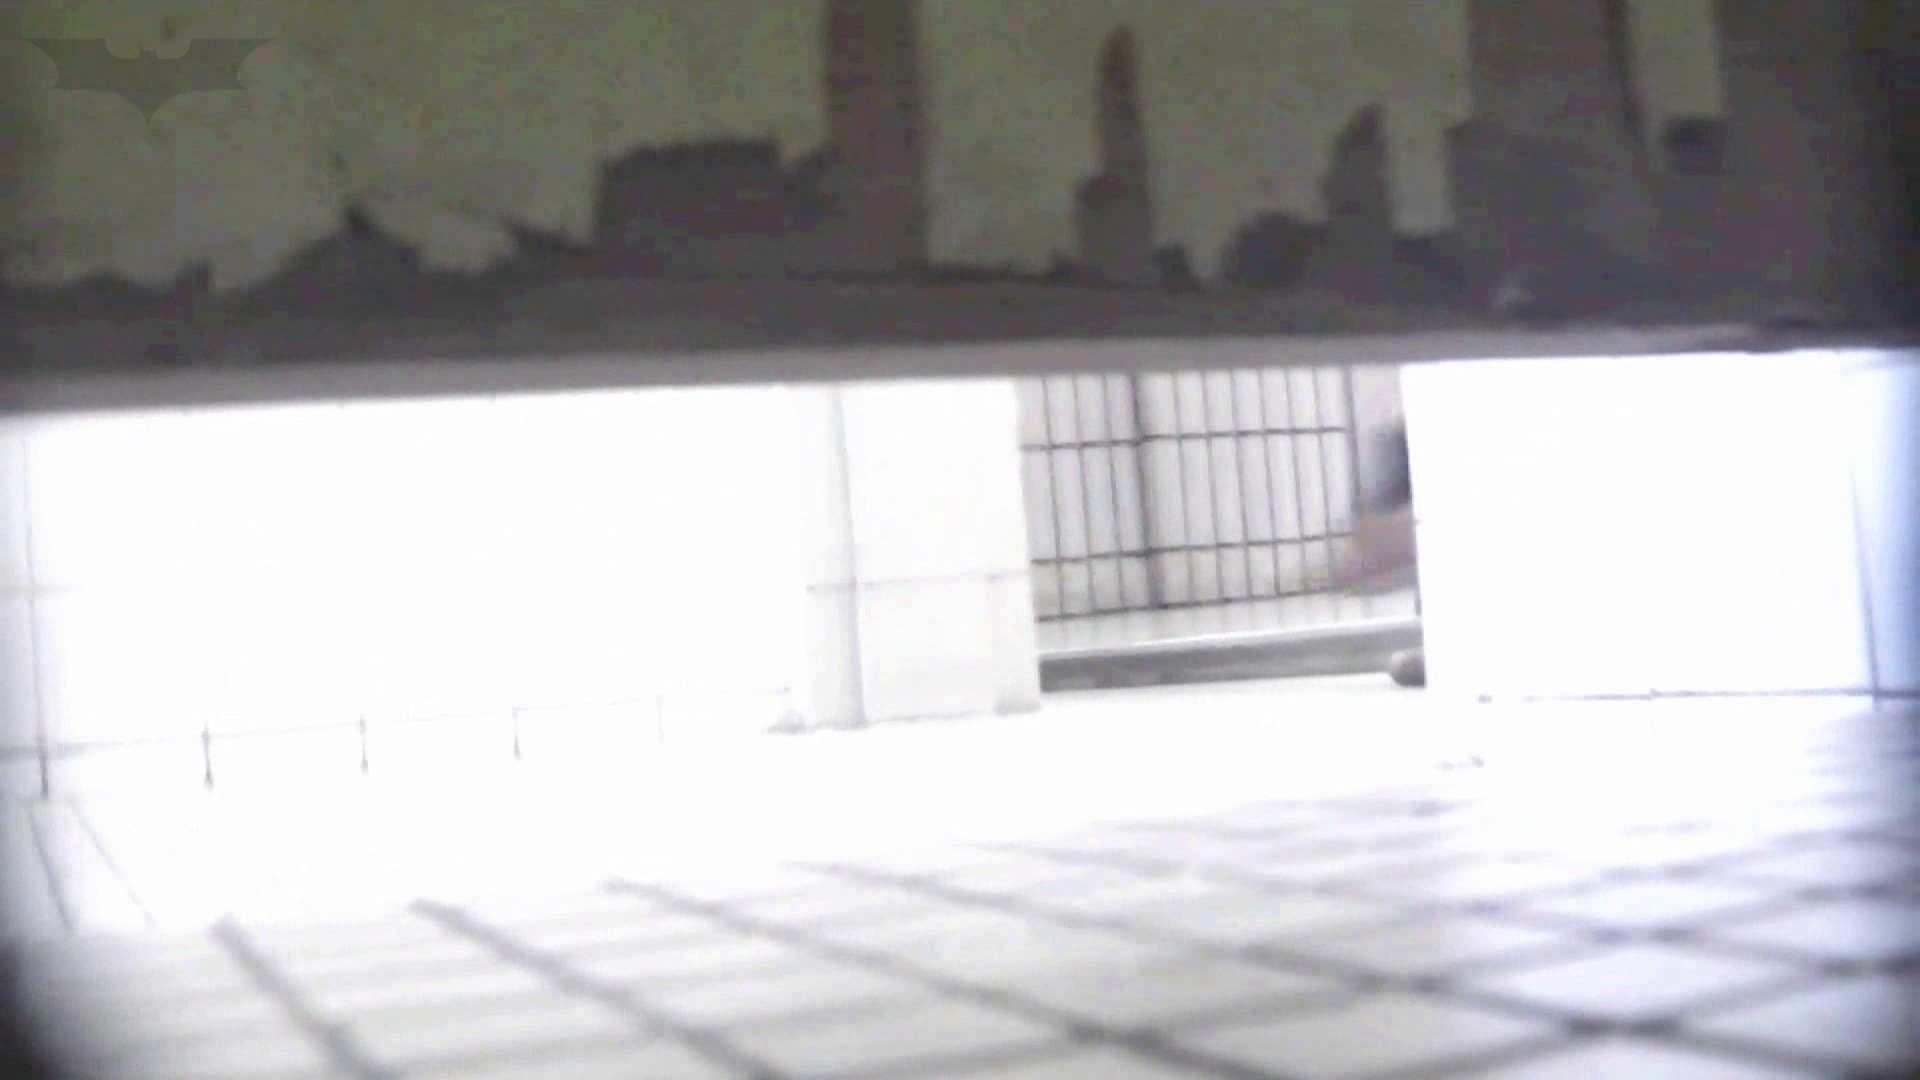 洗面所特攻隊 vol.74 last 2総勢16名激撮【2015・29位】 洗面所 | エッチすぎるOL達  105連発 7